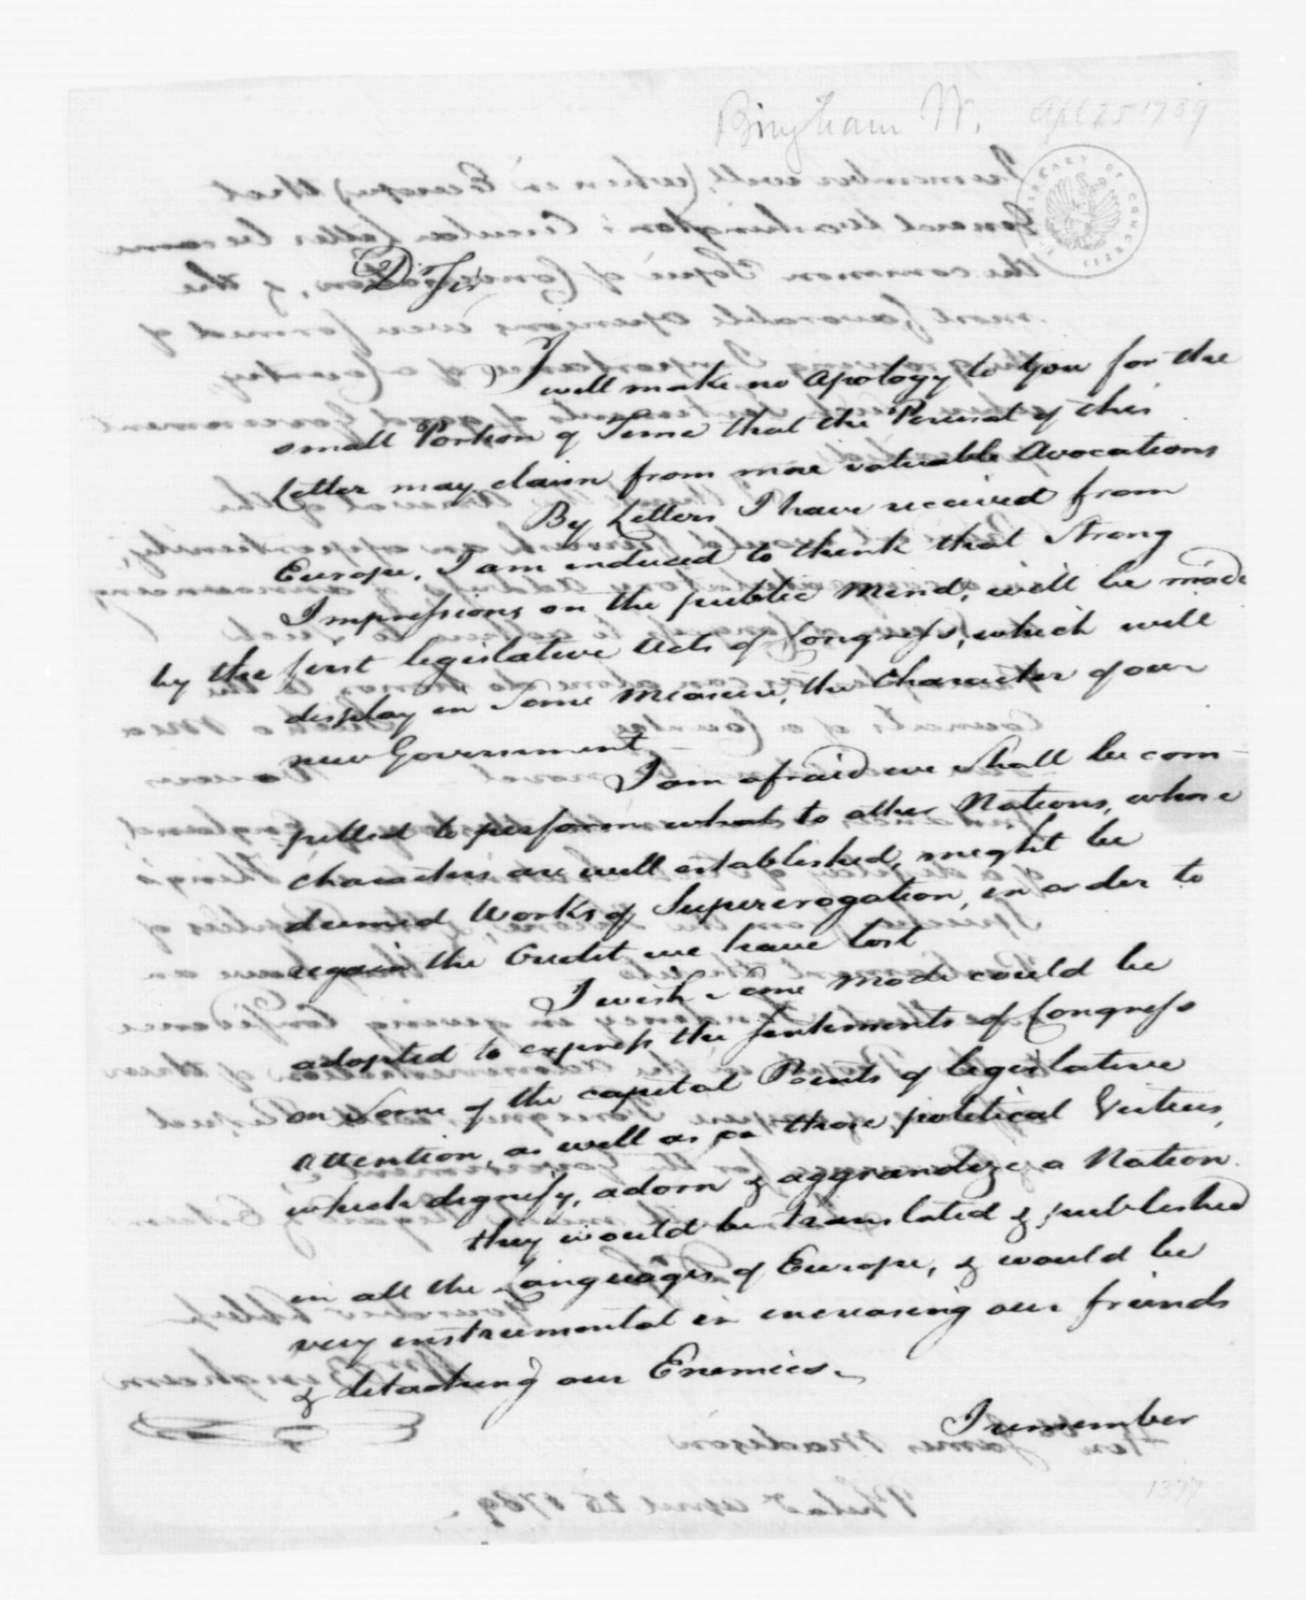 William Bingham to James Madison, April 25, 1789.